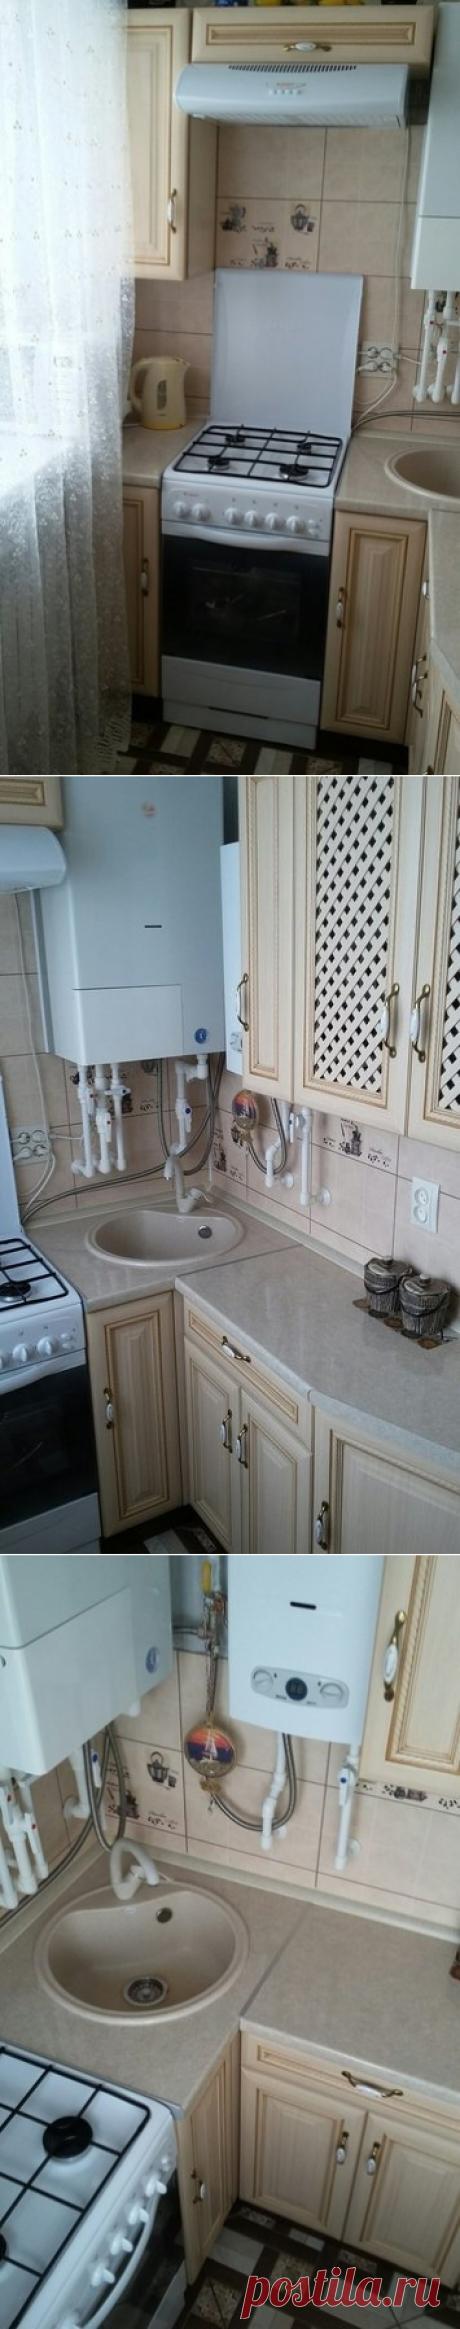 По-настоящему маленькая кухня в хрущевке! 3,8 кв.м. с двумя газовыми колонками | Какую кухню купить? | Яндекс Дзен